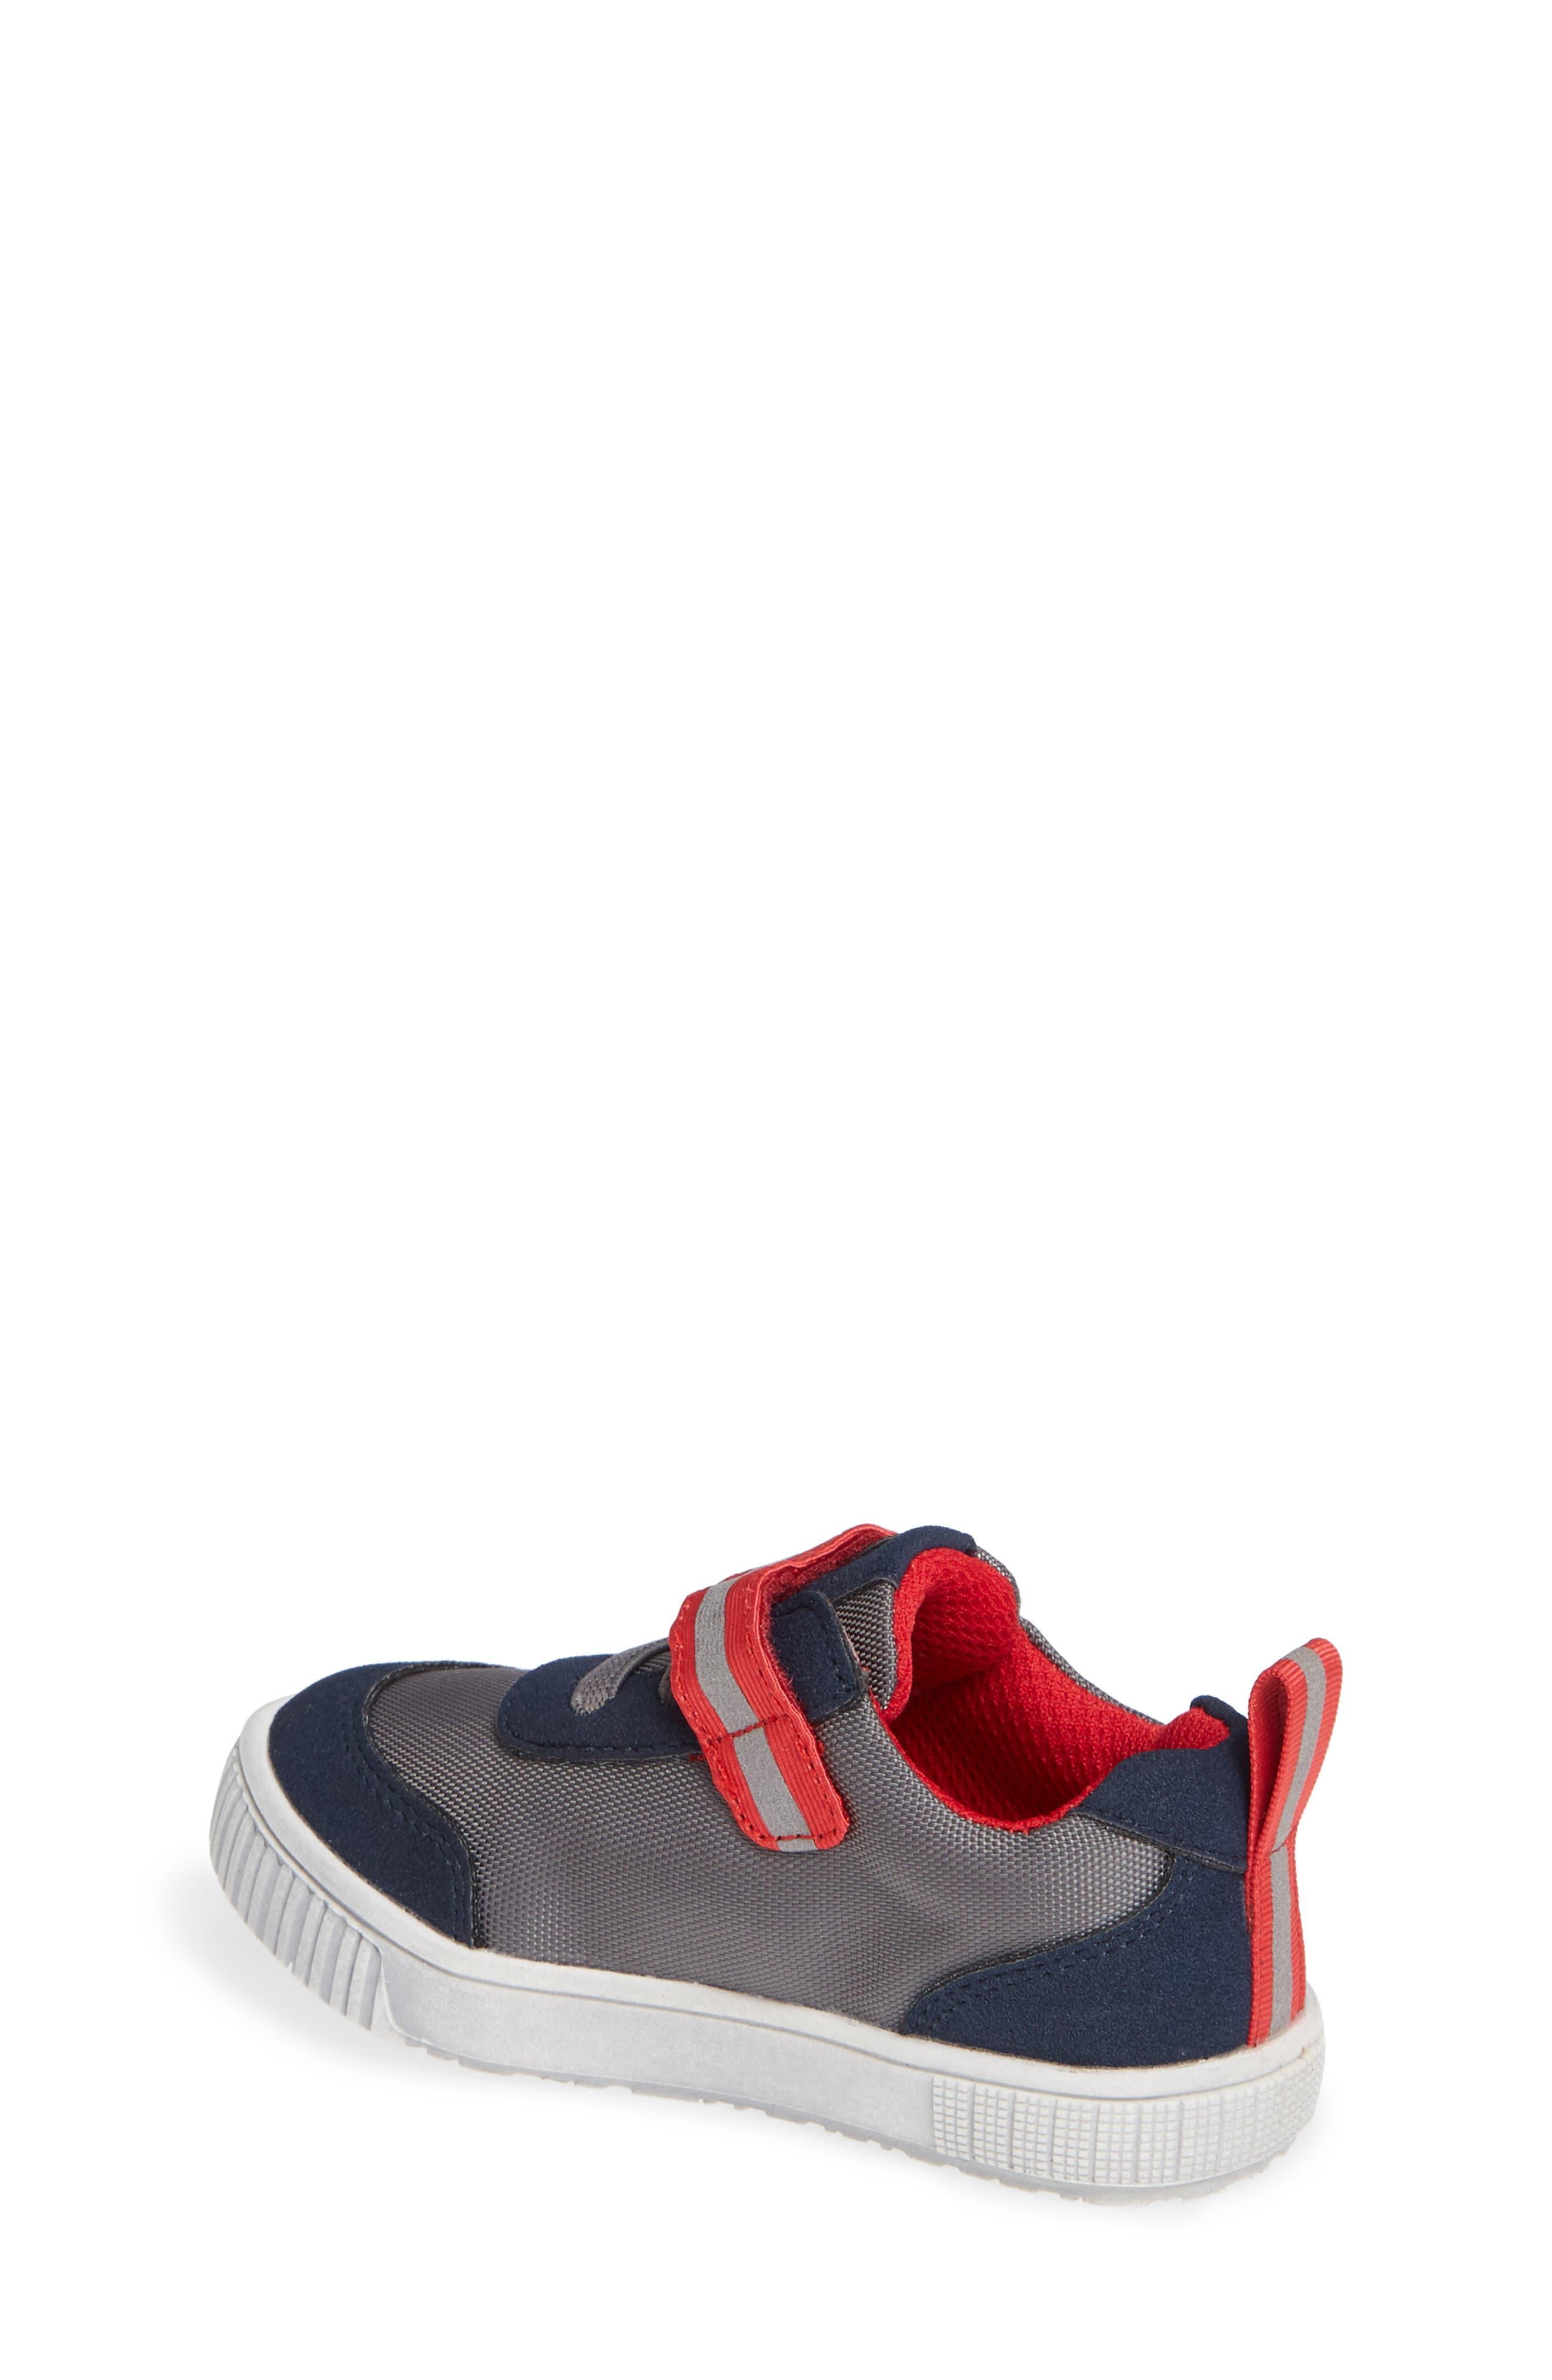 Vault Sneaker,                             Alternate thumbnail 2, color,                             SLATE GREY